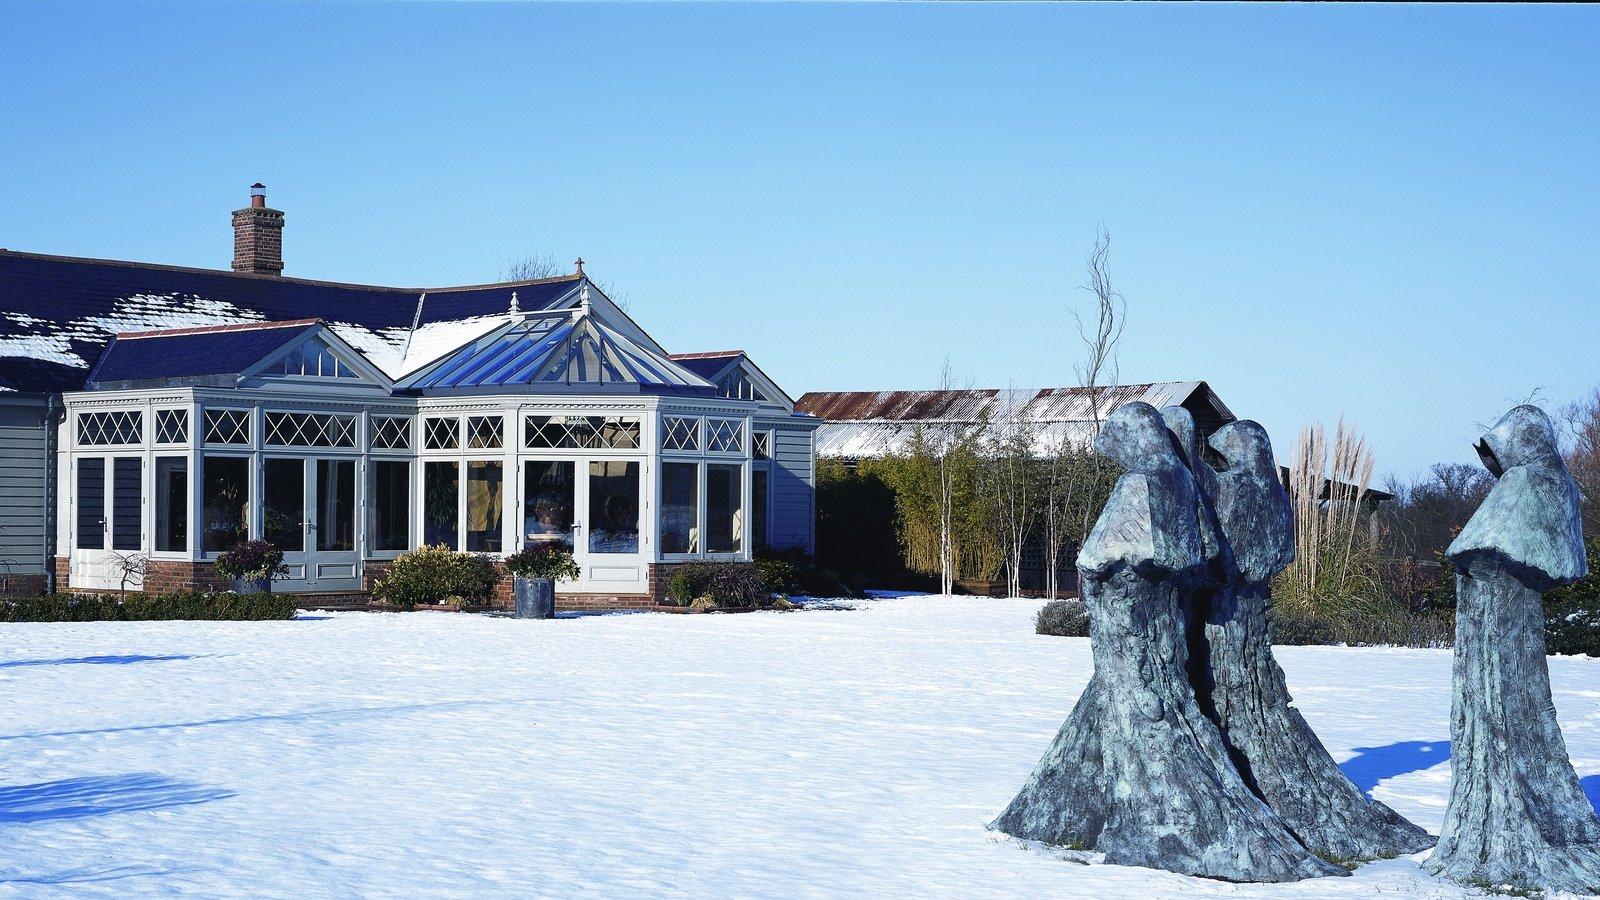 Garden-room-in-the-snow